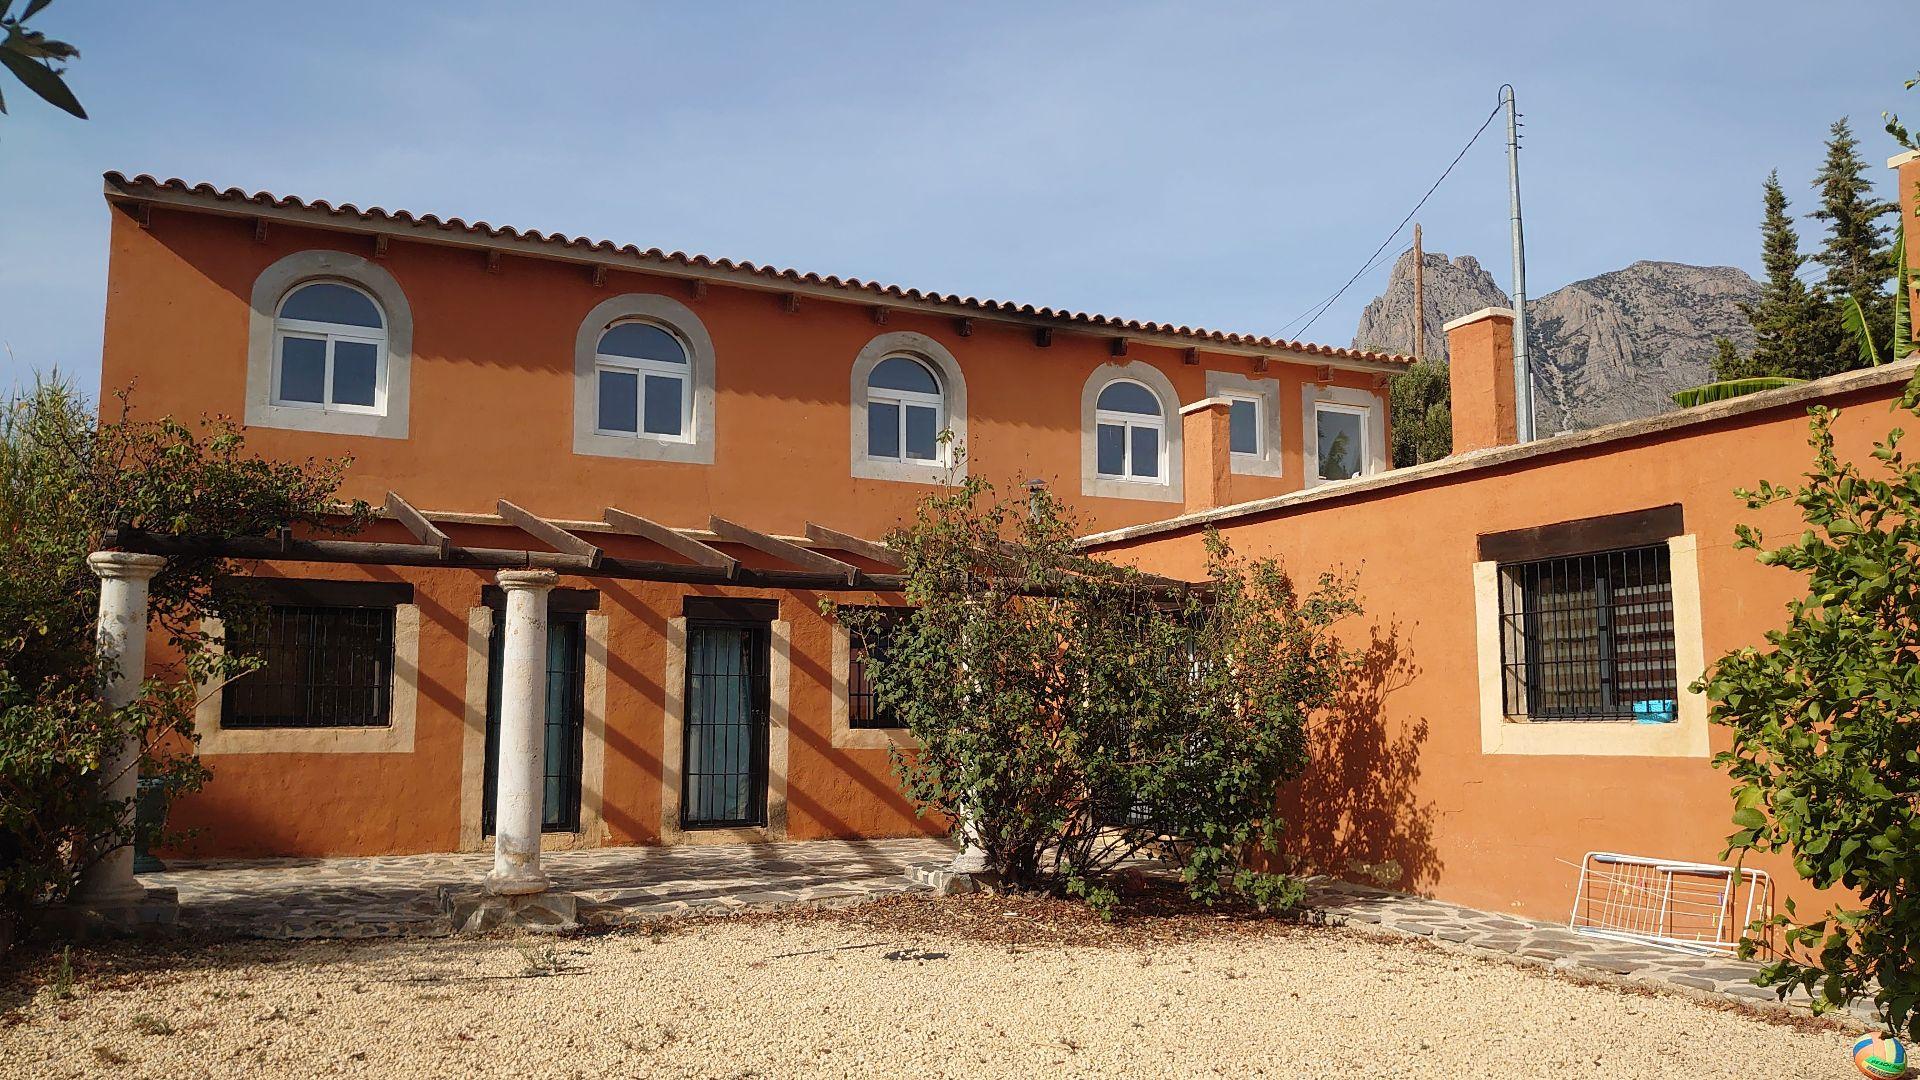 Casa de campo en Finestrat, Partida Cantereria (extraradio), alquiler